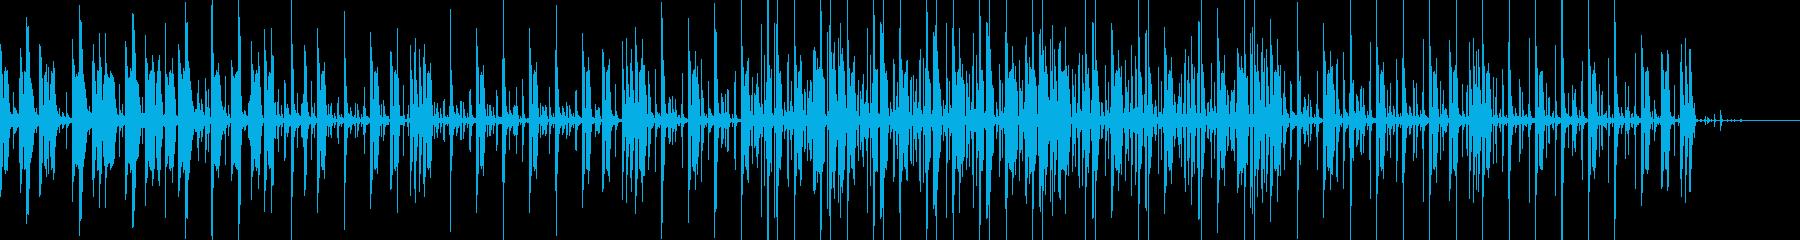 アジア風リズムにユニークな音入りインストの再生済みの波形